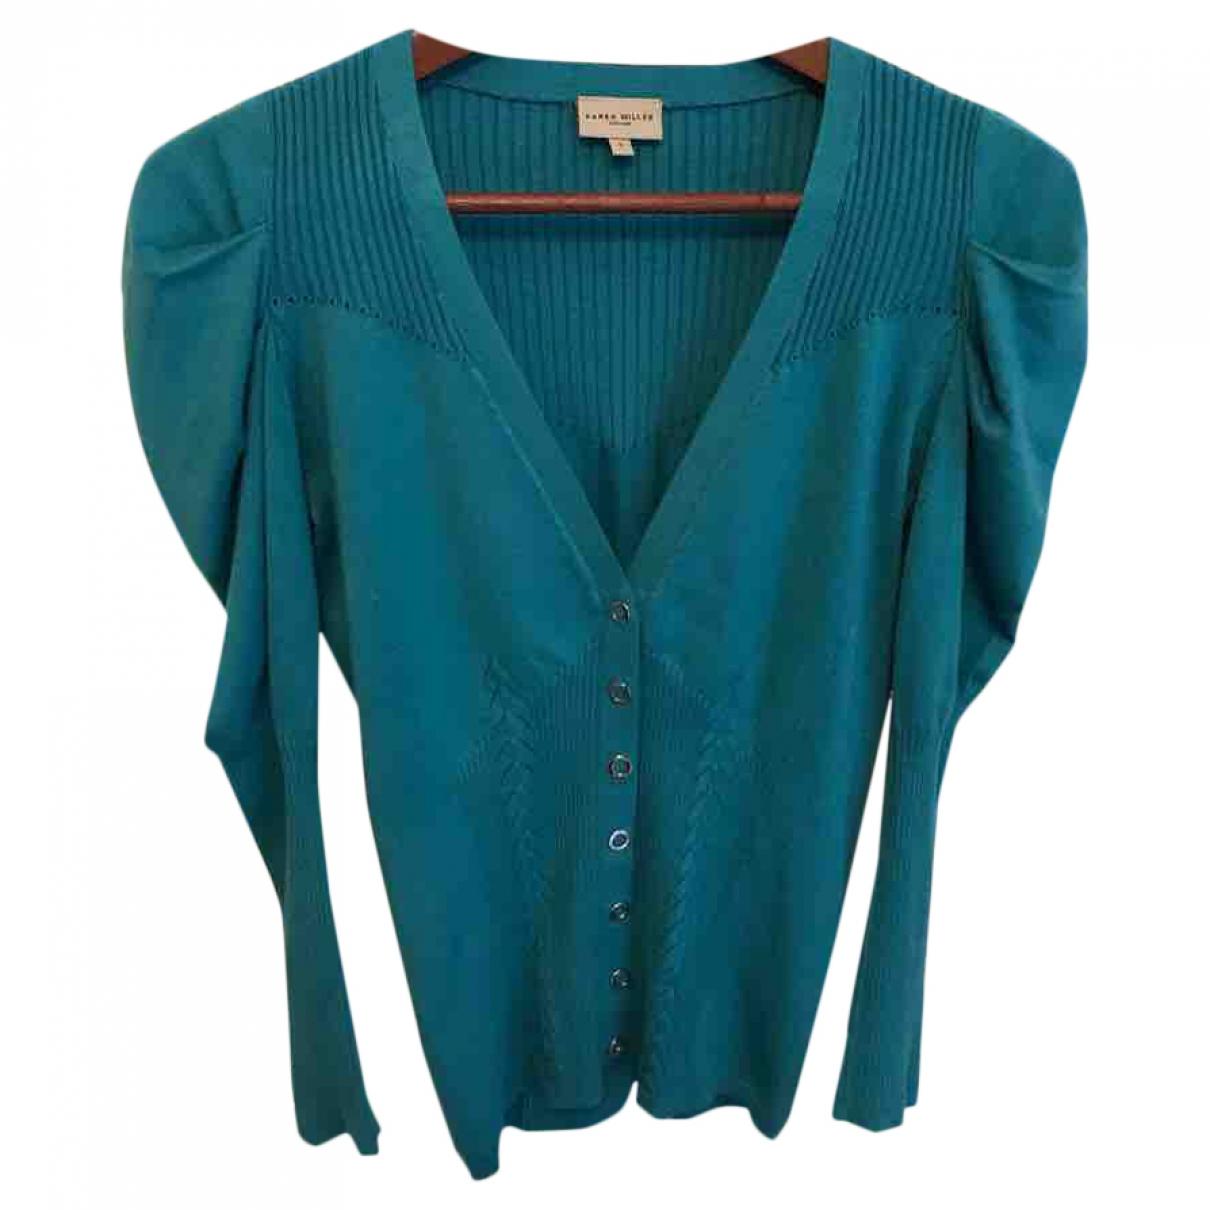 Karen Millen \N Turquoise Knitwear for Women 3 0-5